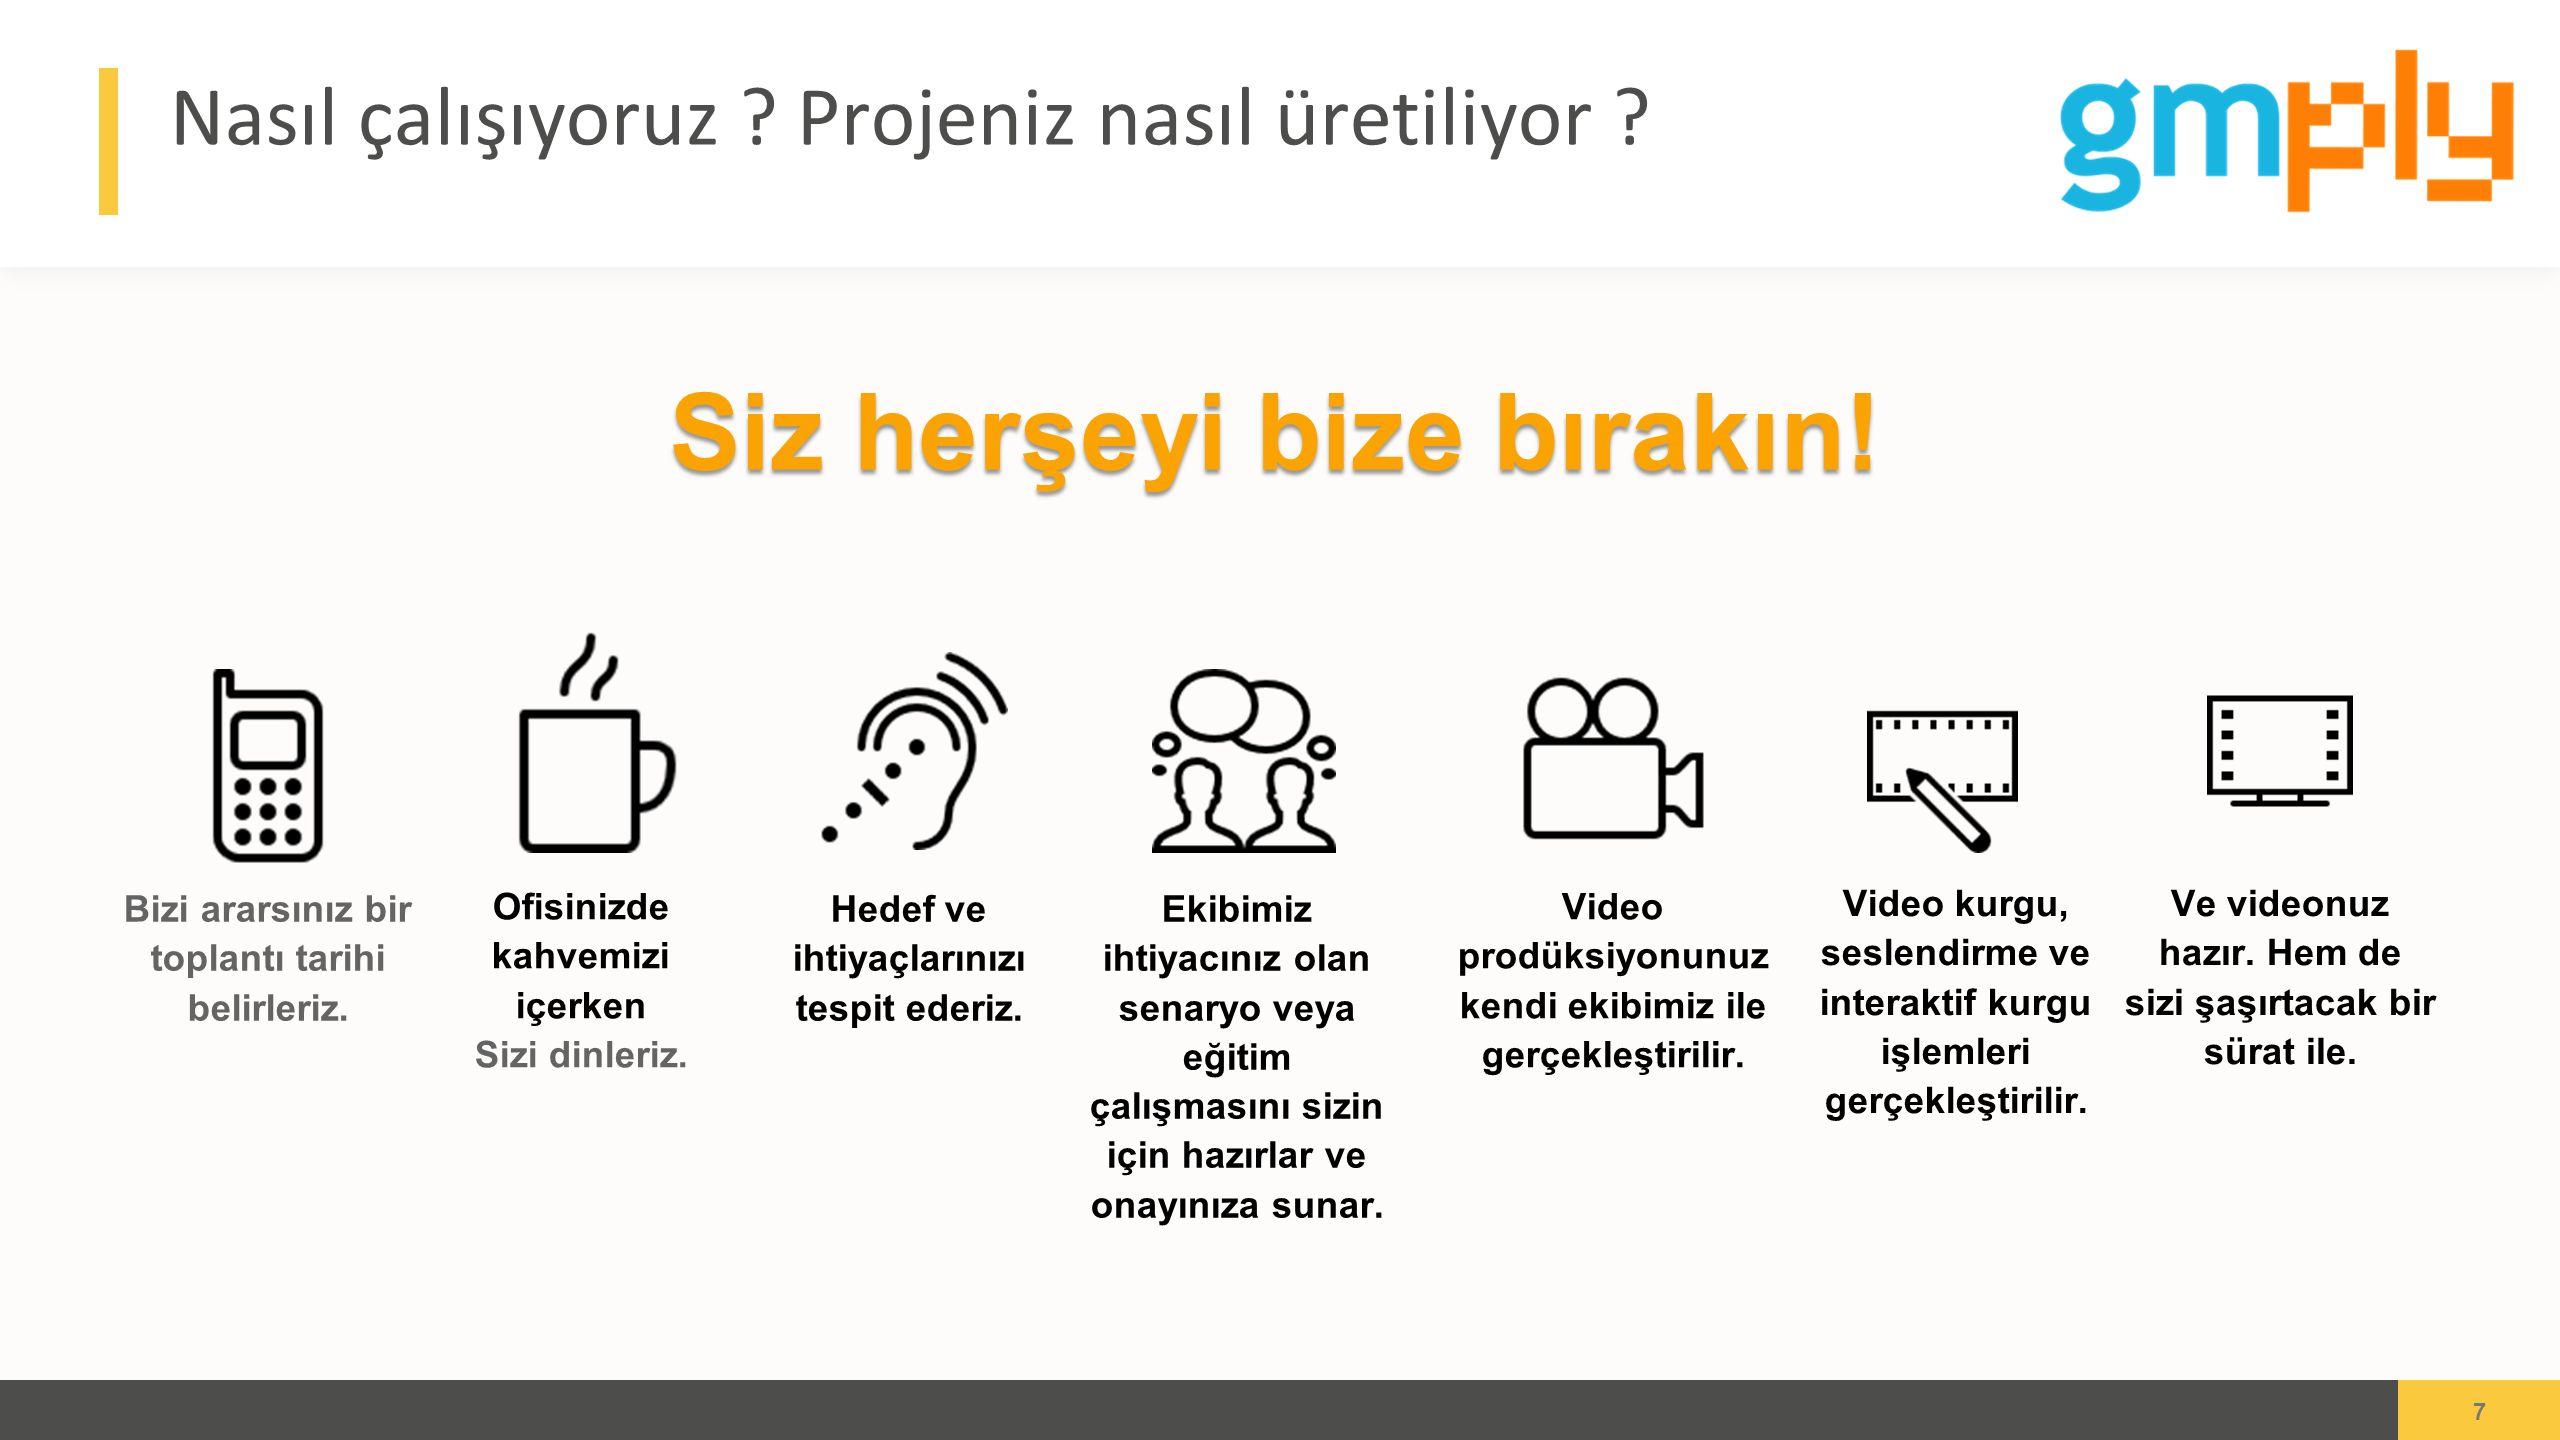 Advert keynote presentation - 2015 8.